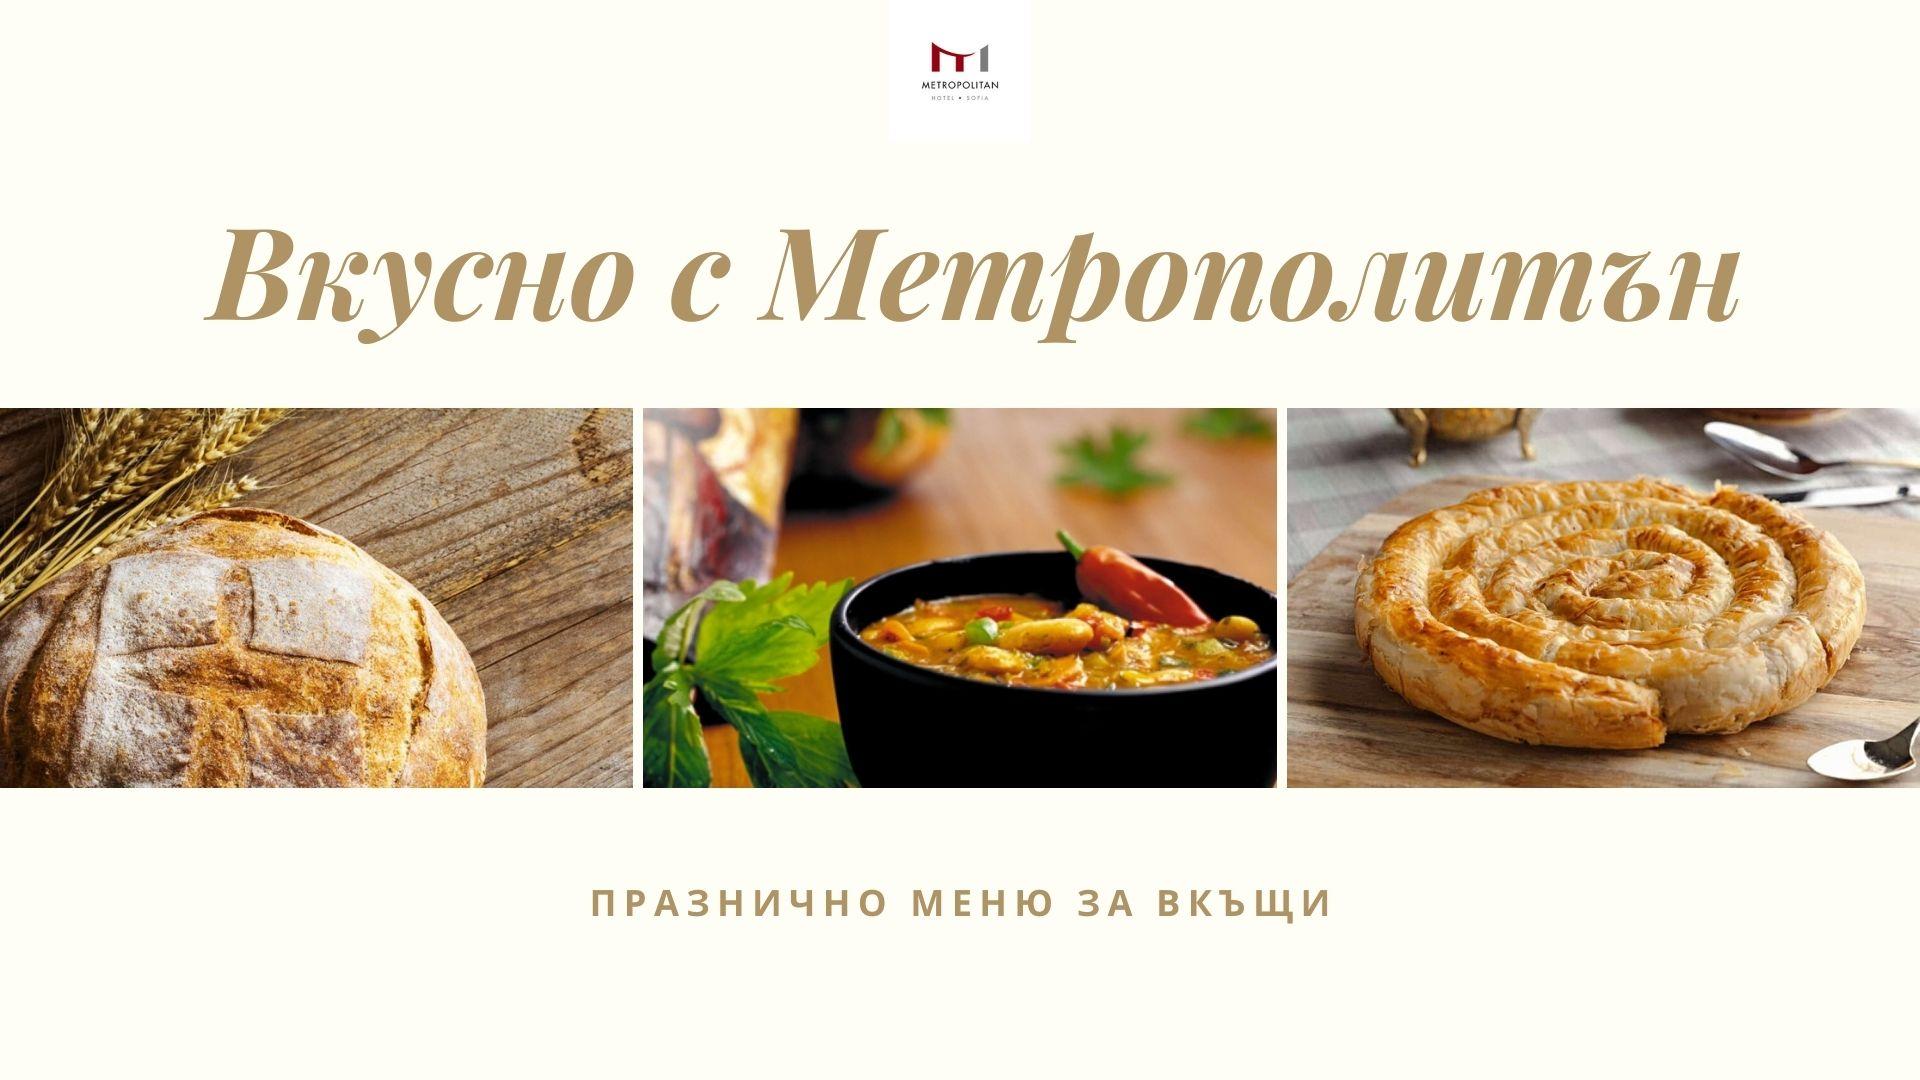 Празнично меню за вкъщи - Метрополитън Хотел София